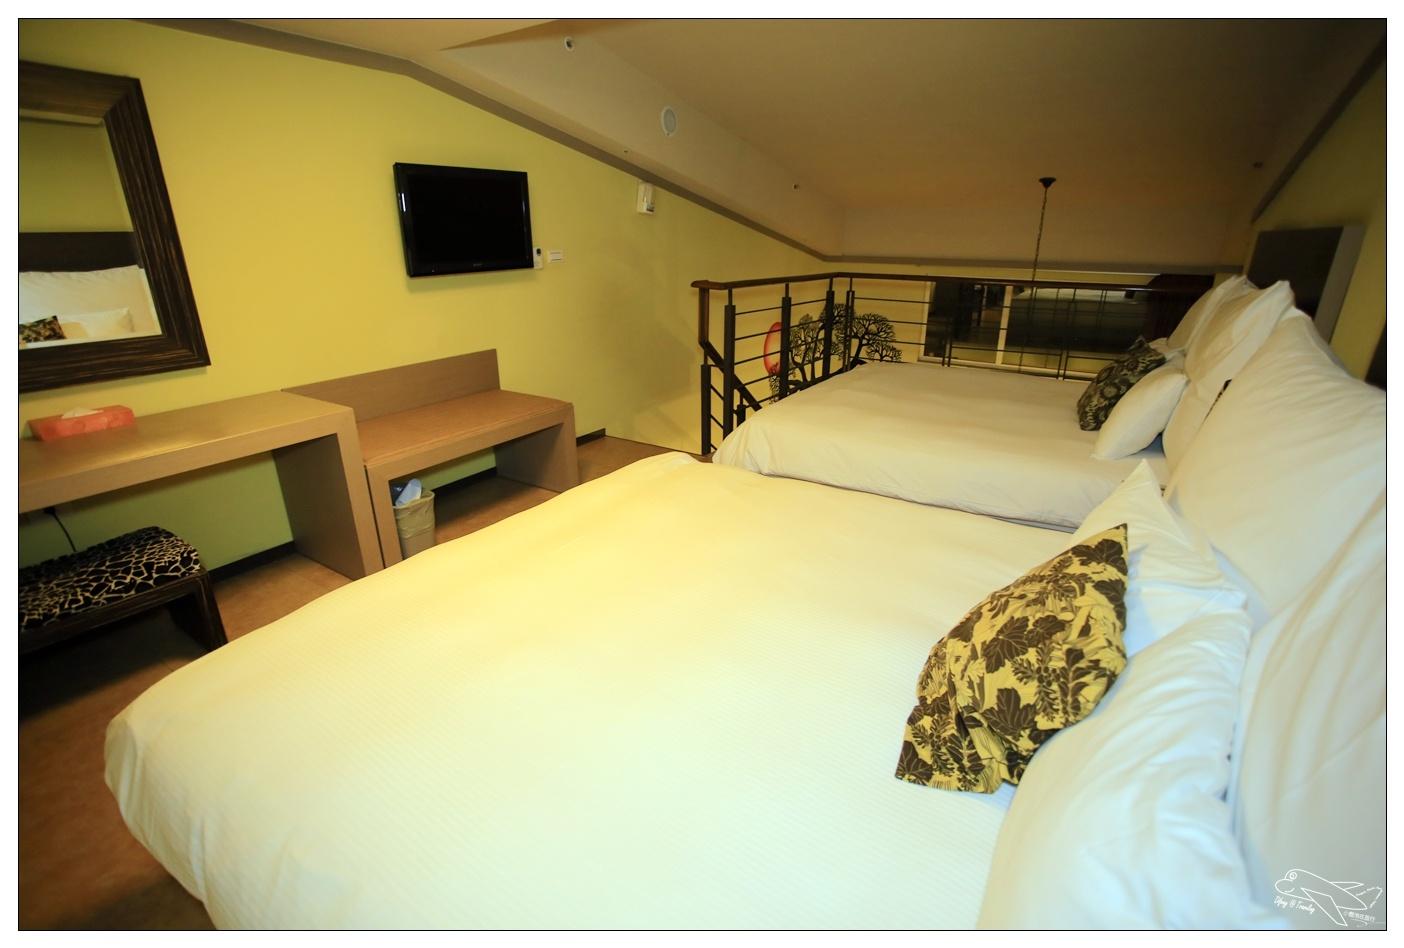 動物飯店相對划算的住宿套裝|限時限量優惠每日 5 間,7.7K~肯亞藍天房、三床含早餐~ @走走停停,小燈泡在旅行